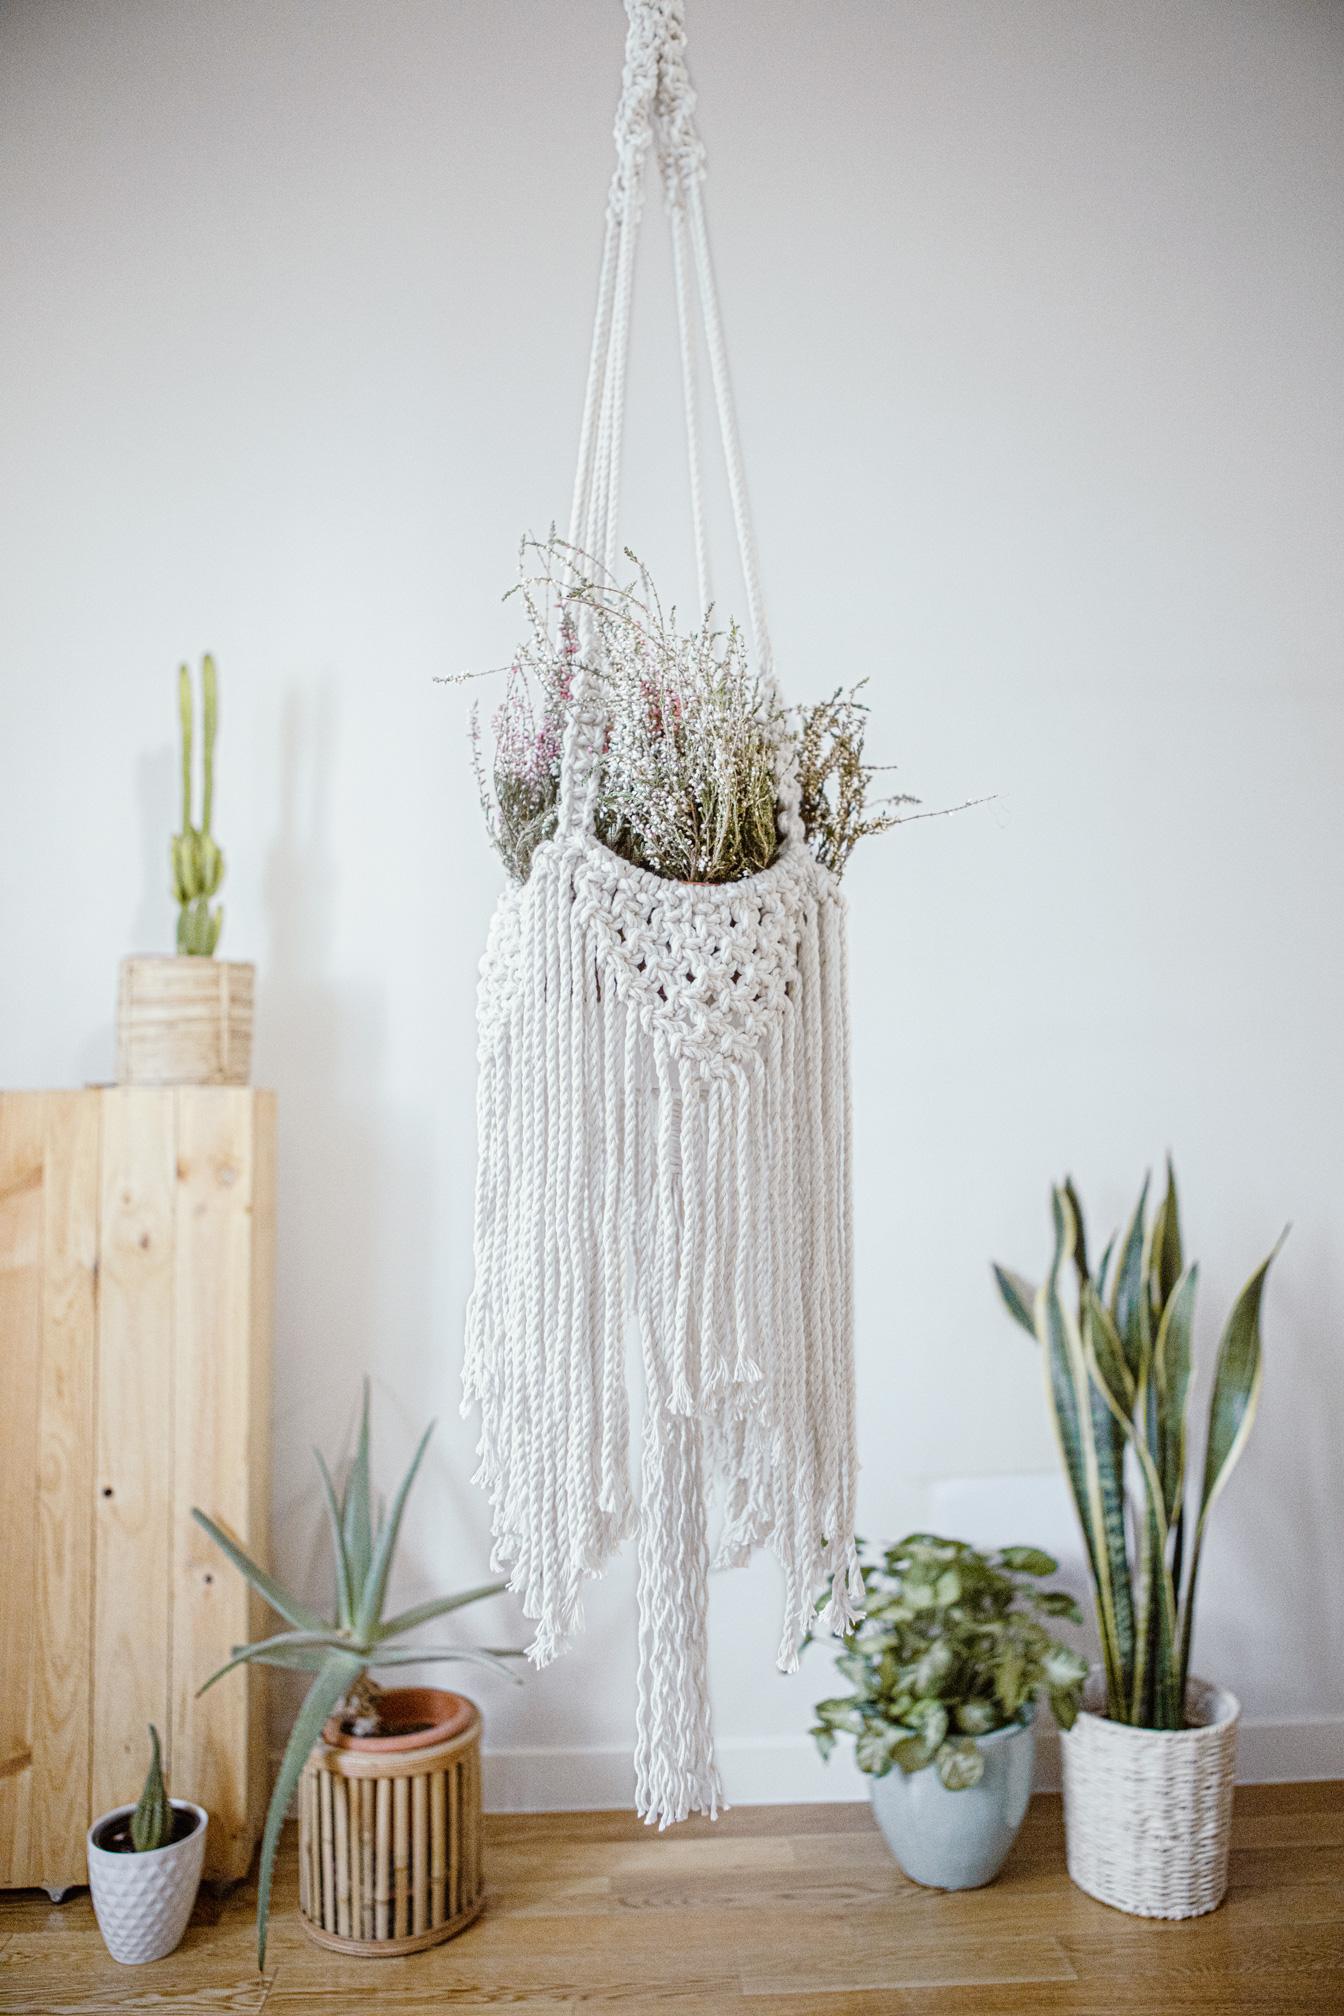 Macetero artesanal de macramé fabricado en algodón ecológico en color crudo